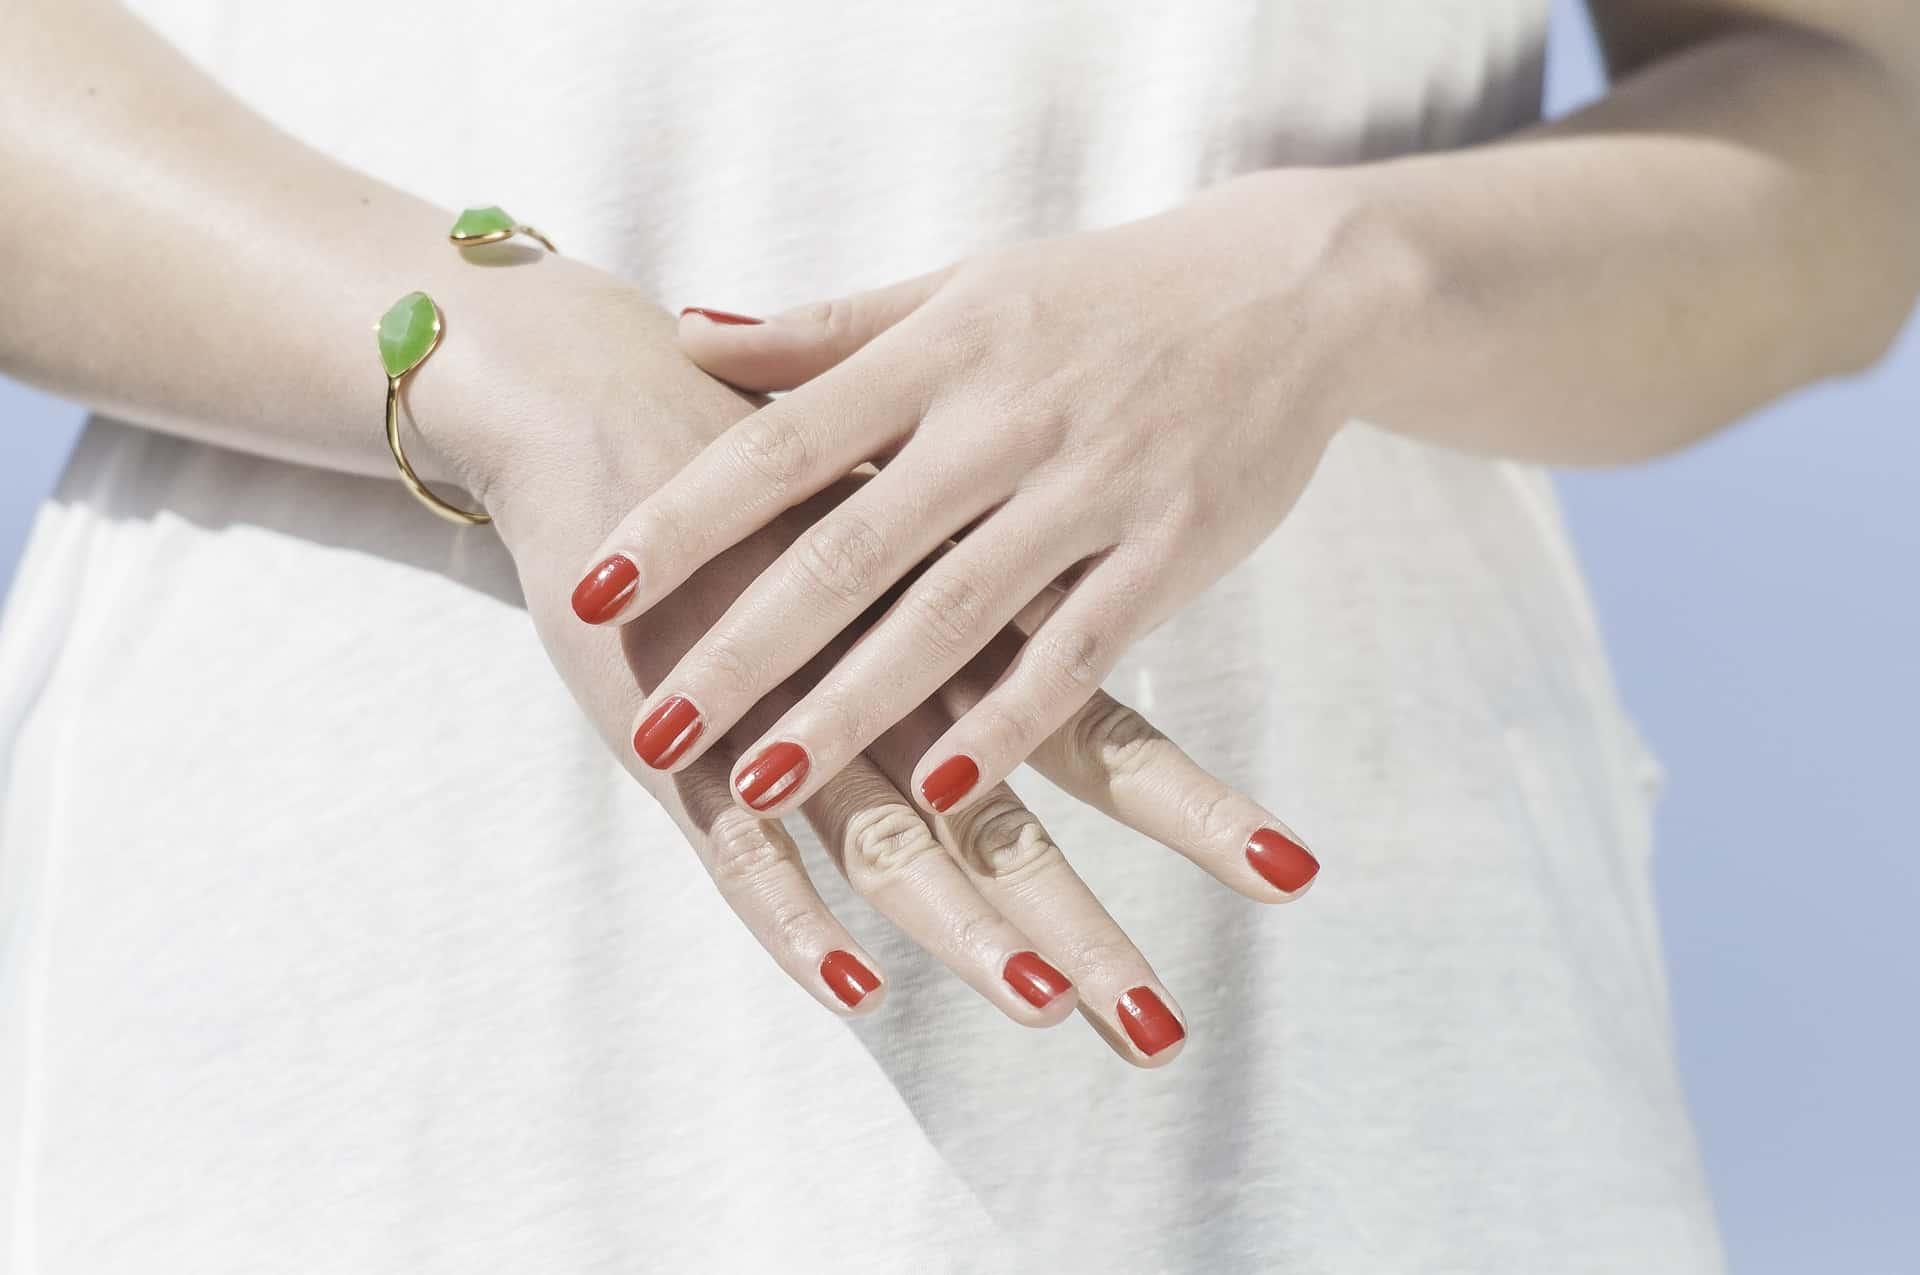 Brüchige Nägel: Ursachen und Tipps für die Behandlung